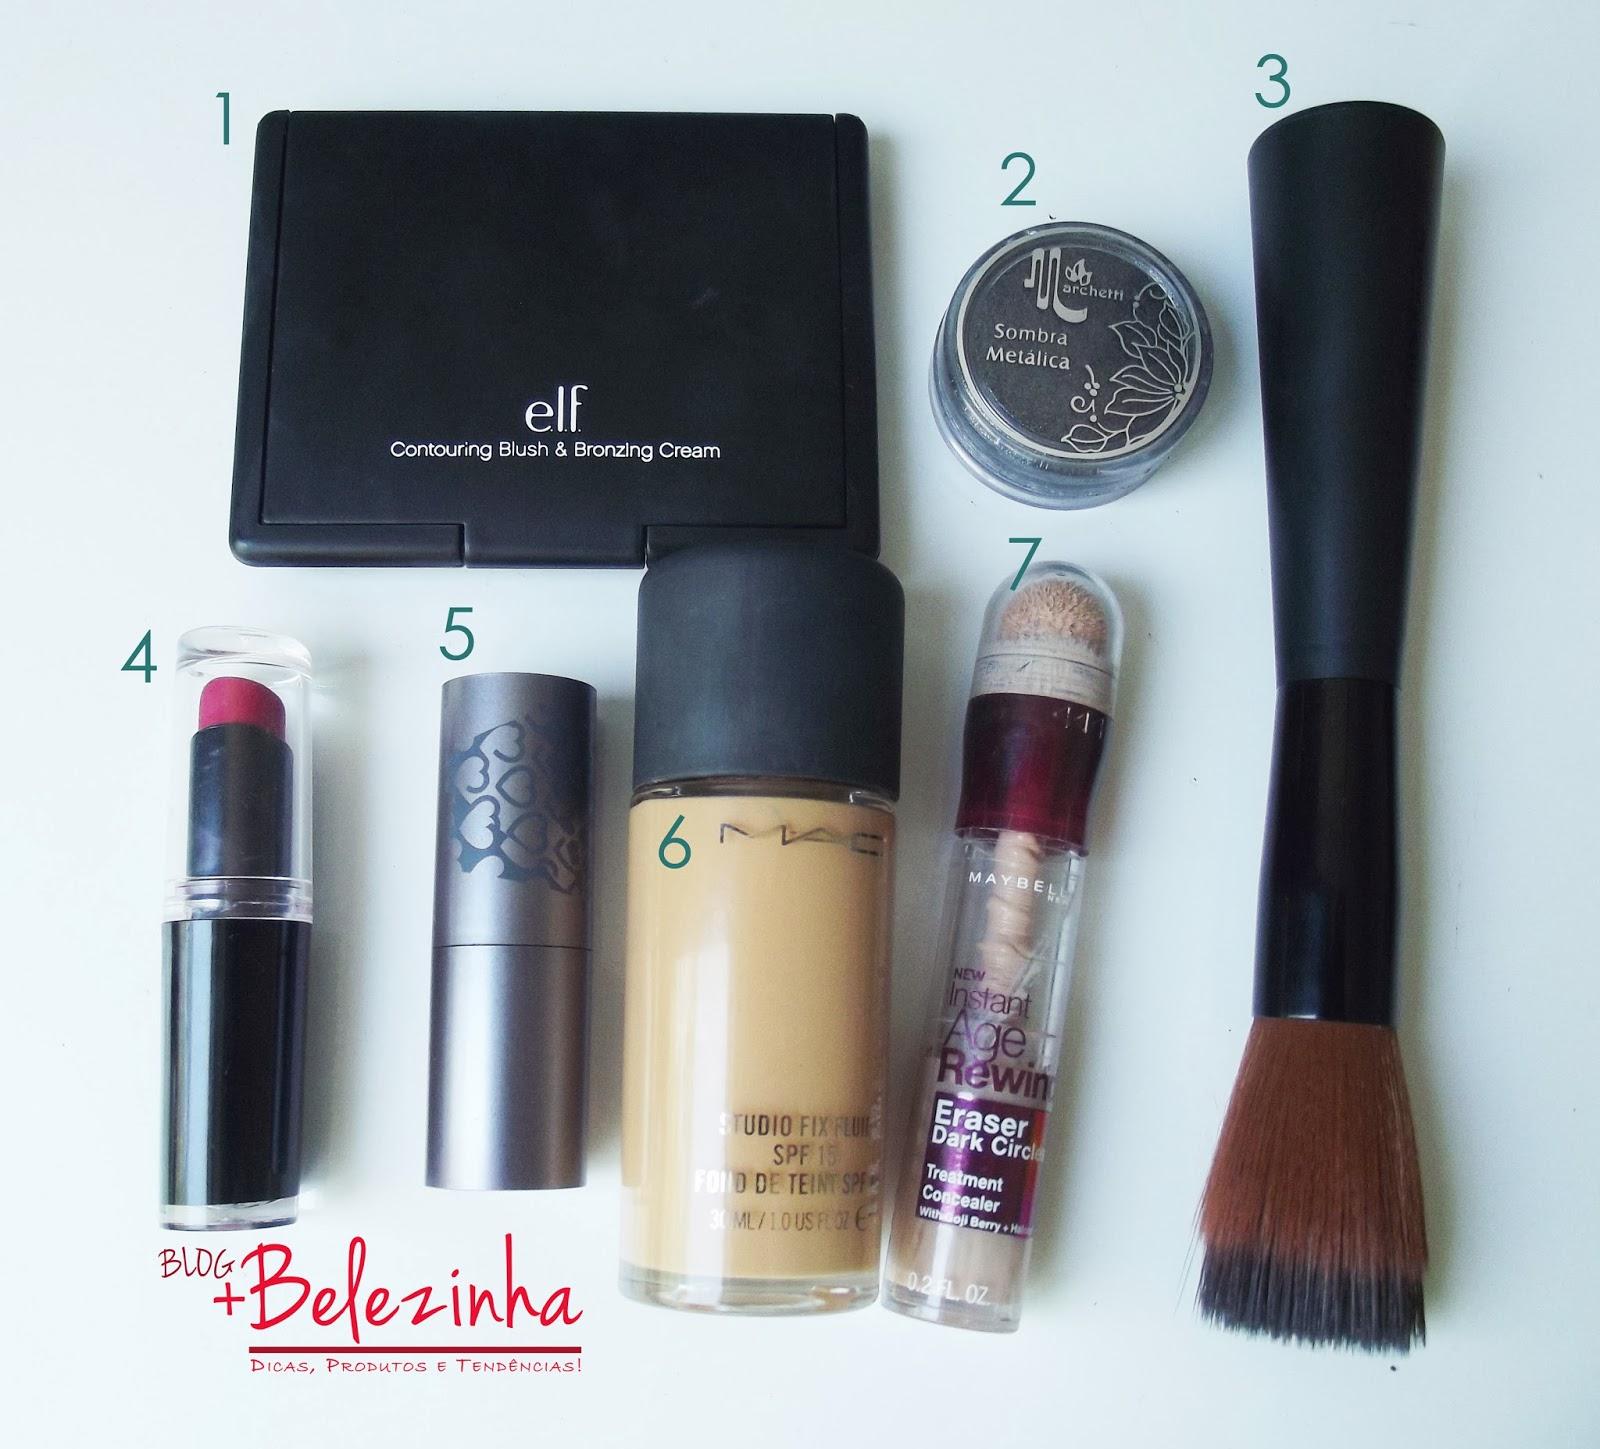 produtos-favoritos-2013-maquiagem-cabelo-corpo